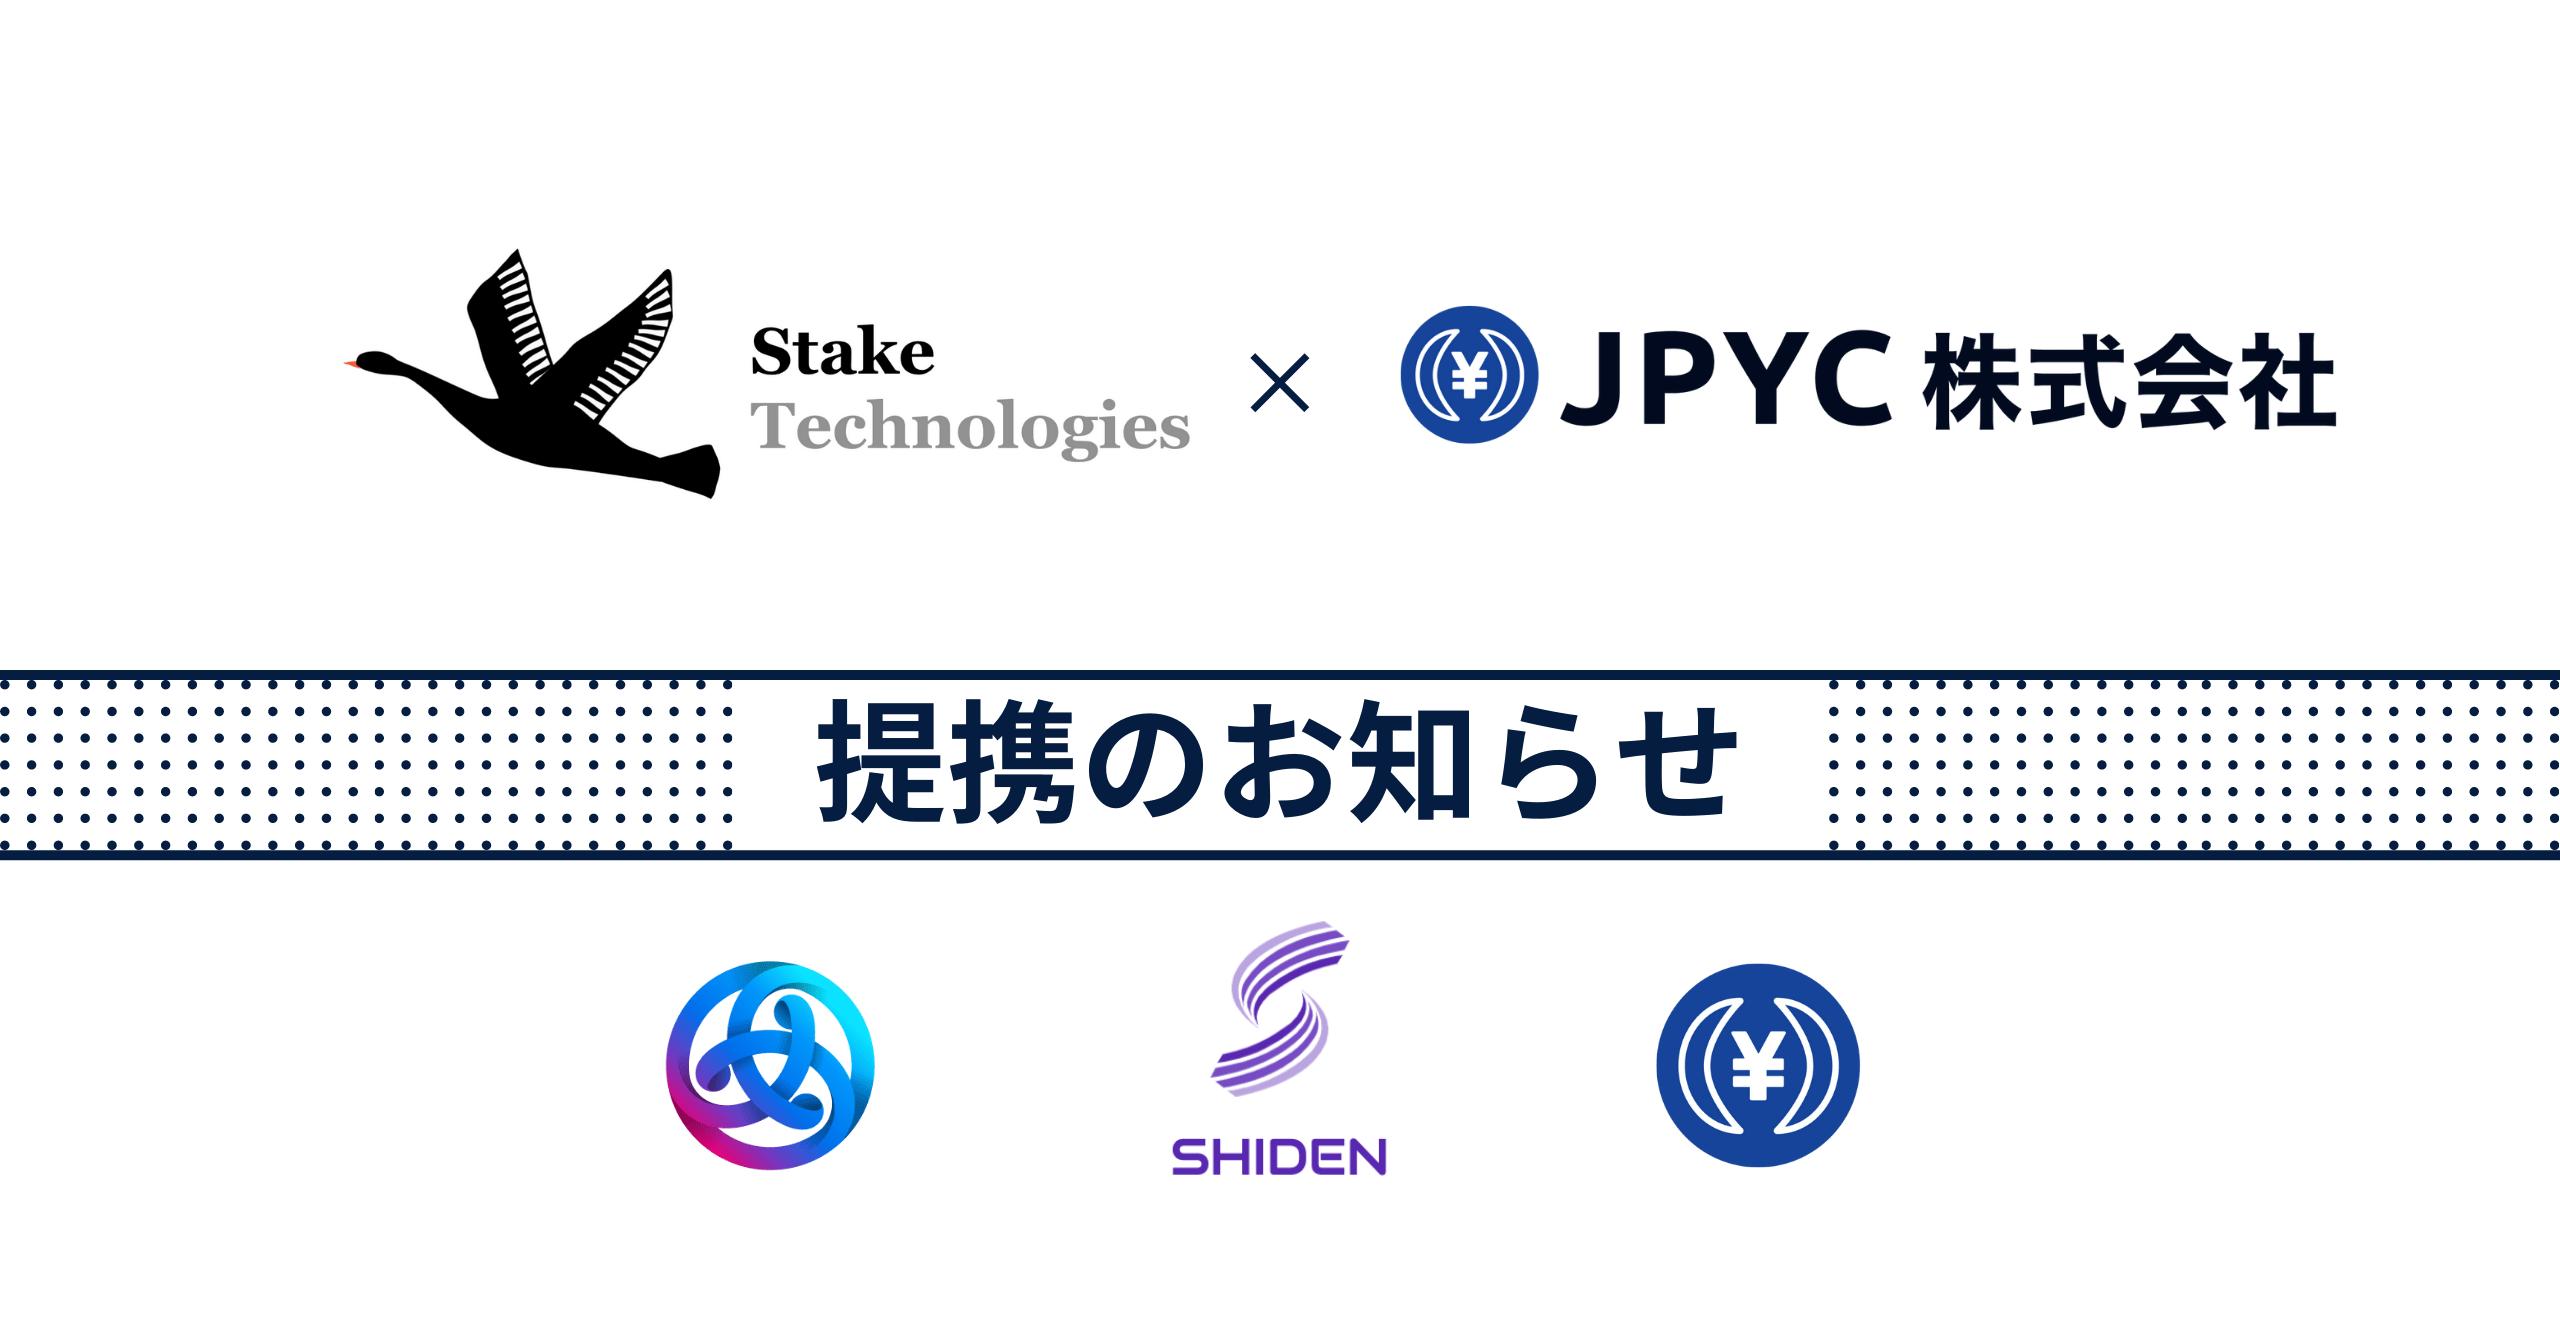 日本円ステーブルコインのJPYC、日本発パブリックブロックチェーンAstar/Shidenの開発をリードするStake Technologiesと事業提携のお知らせ